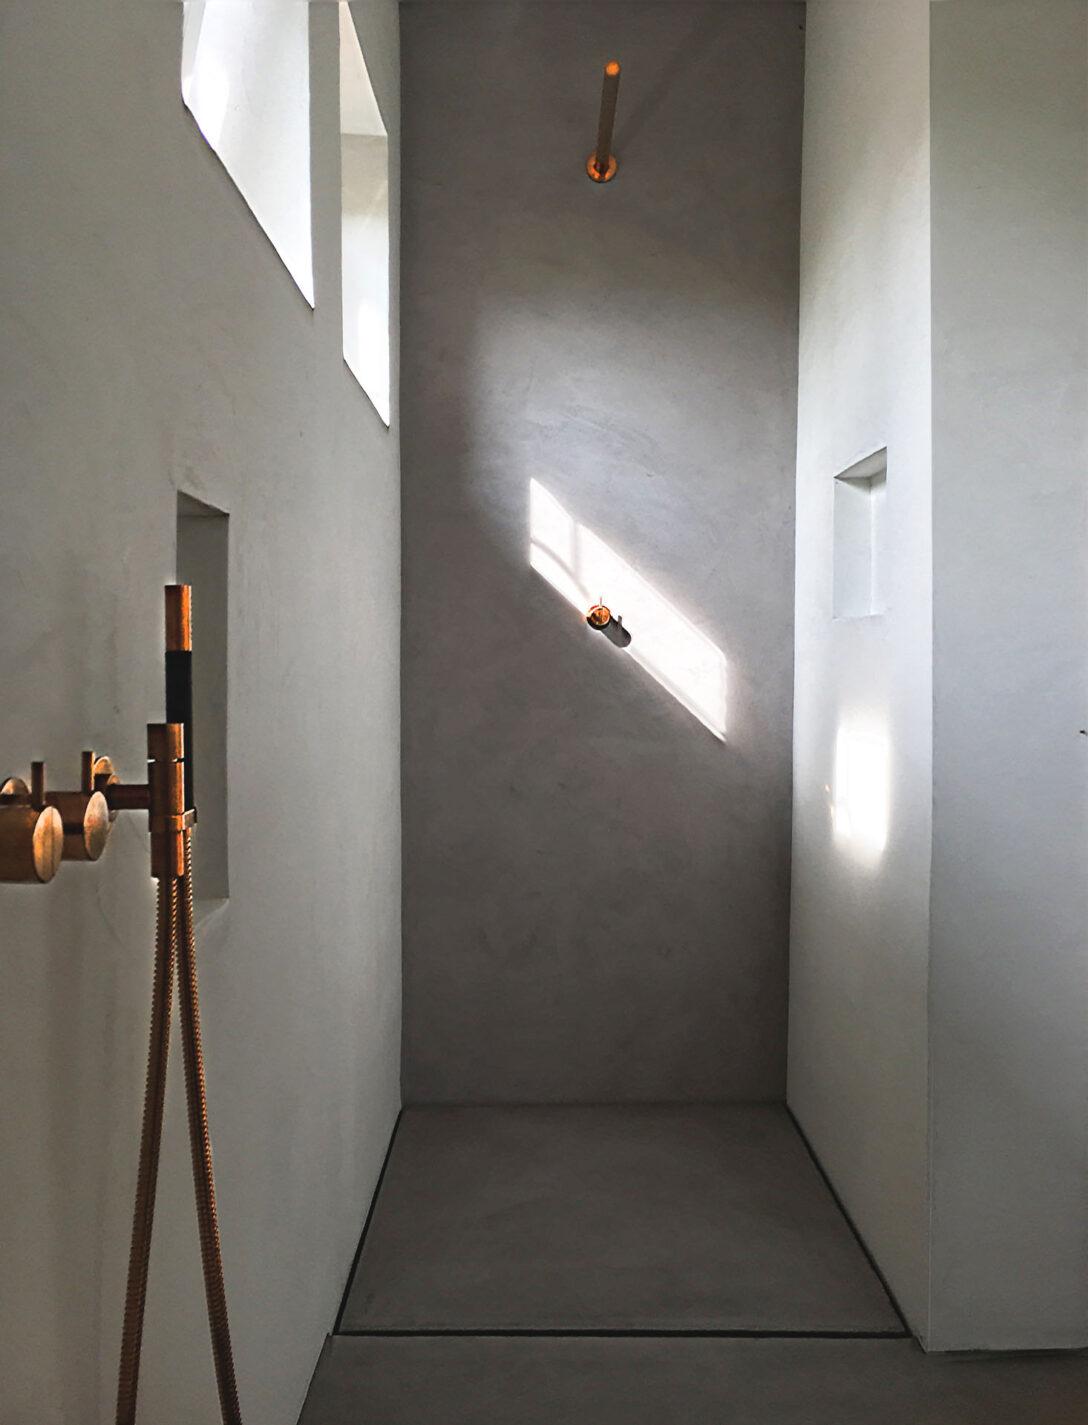 Large Size of Dusche Wand Beton Cire Design Raumkonzept Trier Lärmschutzwand Garten Nischentür Fliesen Für Küche Wandpaneel Glas Wandverkleidung Bett Bodengleiche Dusche Dusche Wand